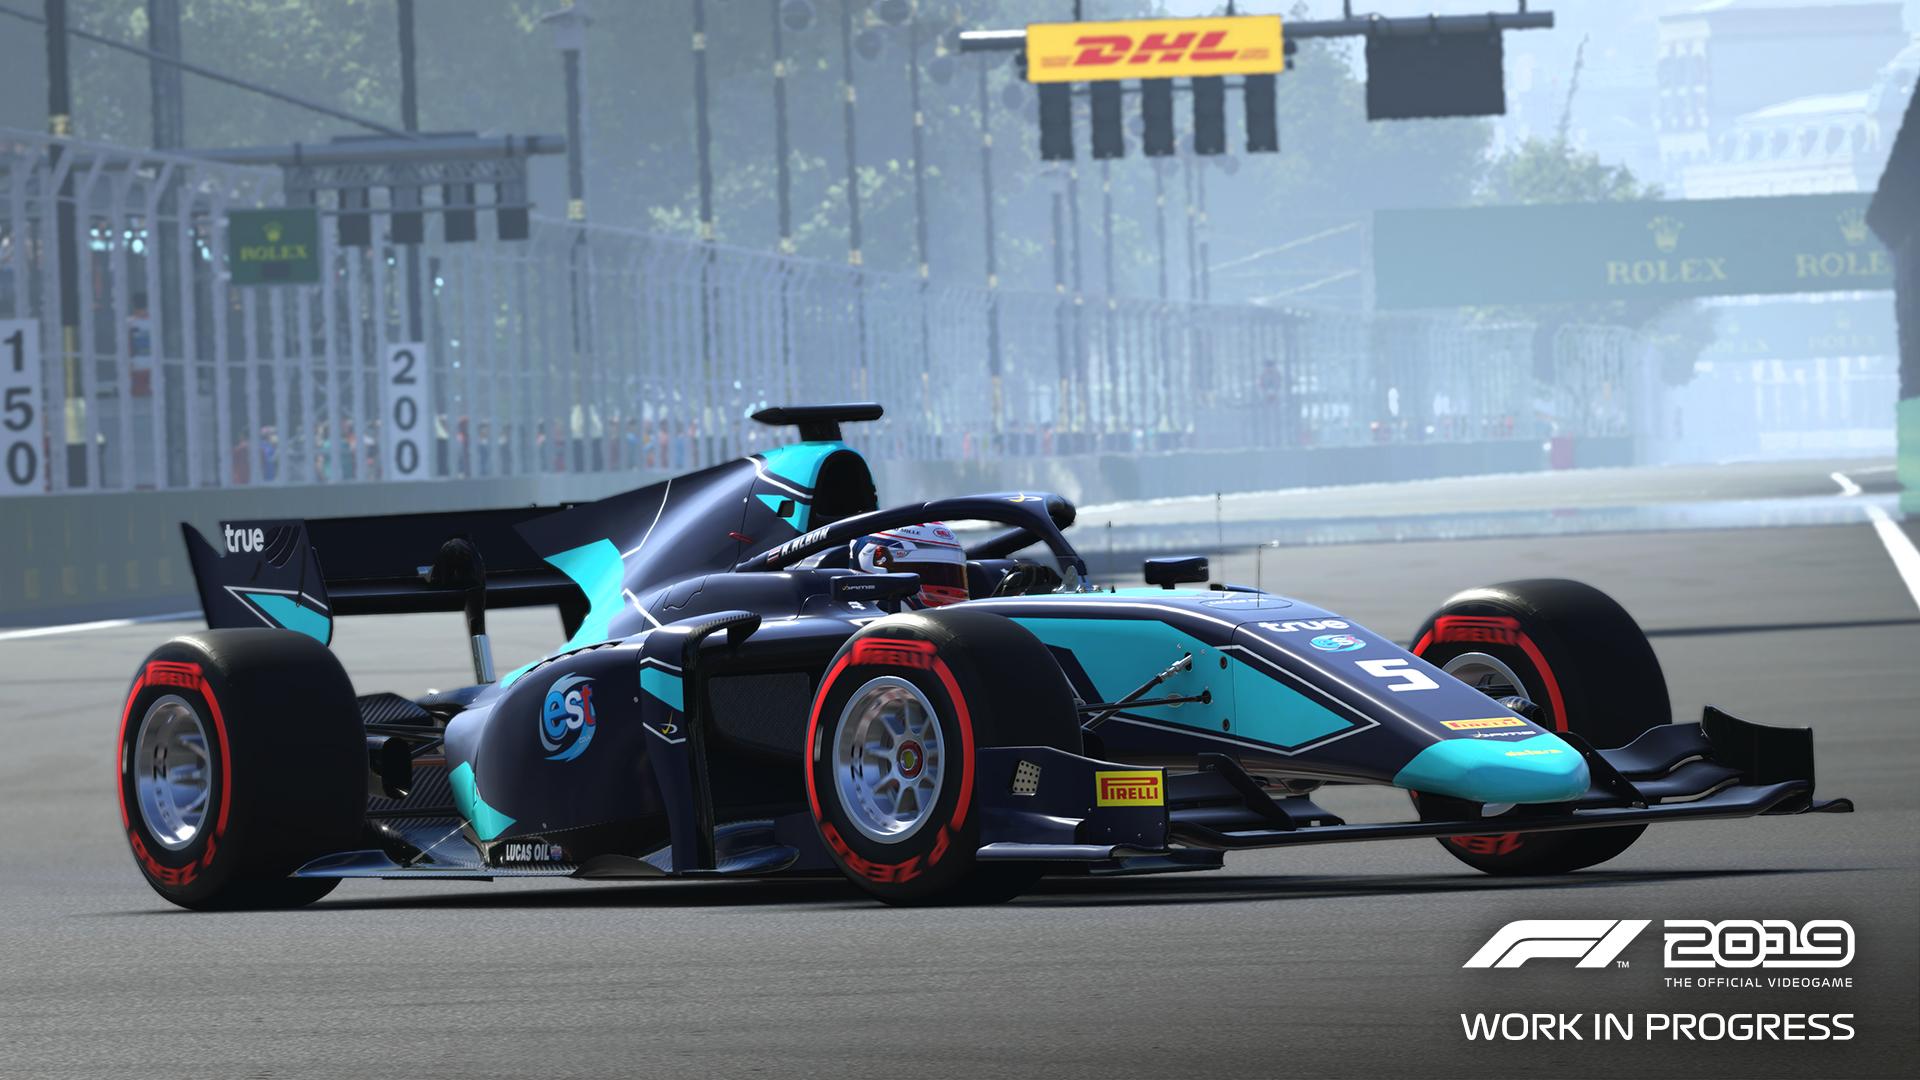 F1 2019 Anniversary